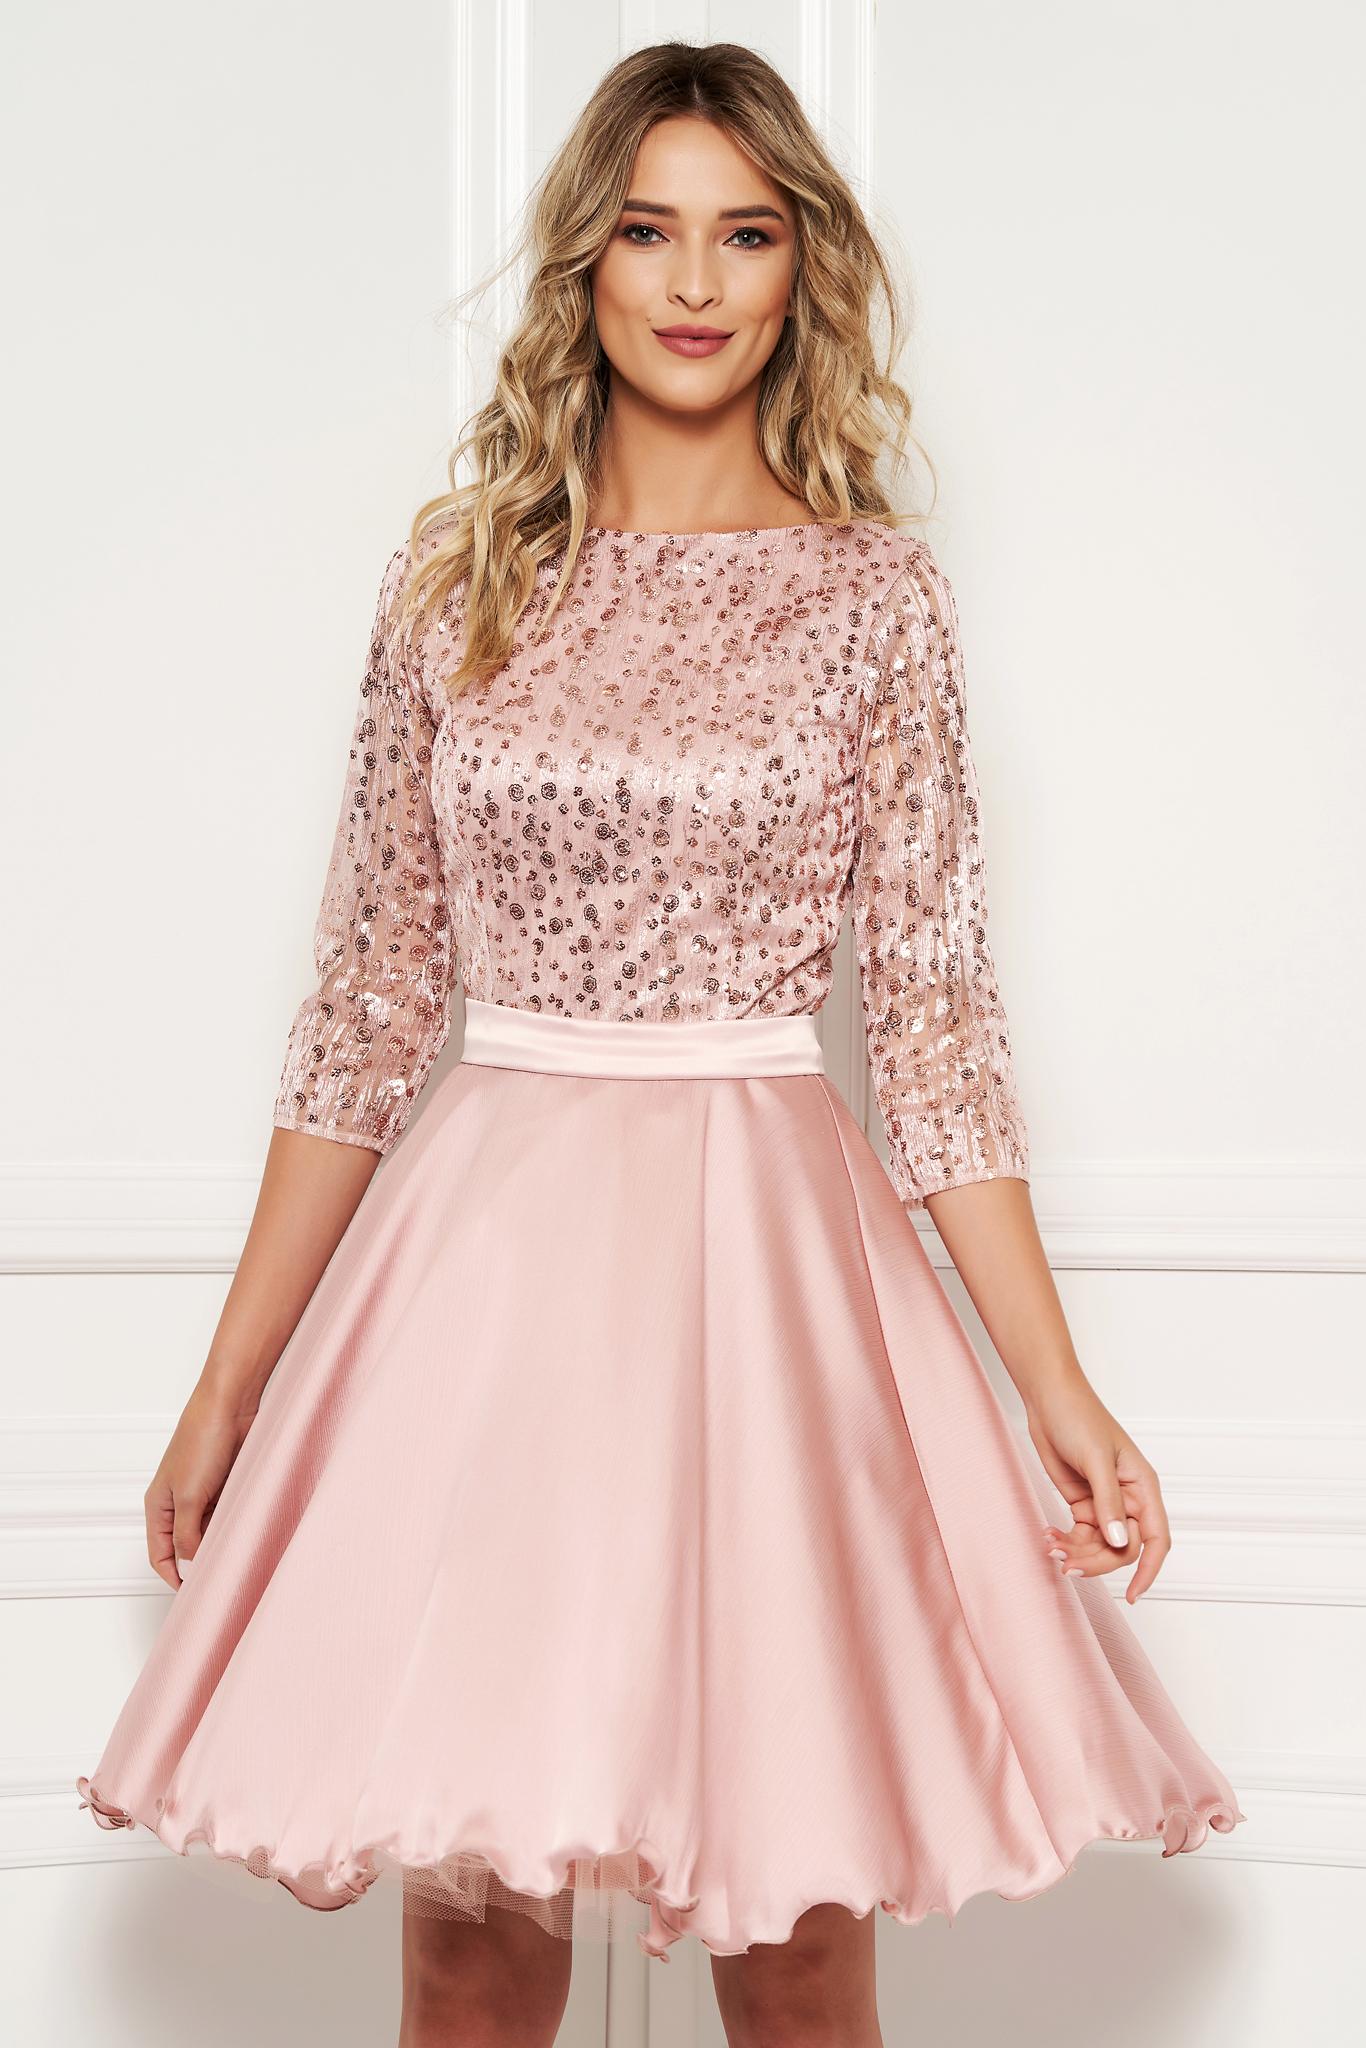 84ce32b1e4 Világos rózsaszín alkalmi harang ruha átlátszó ujj csipkéből flitteres  díszítés